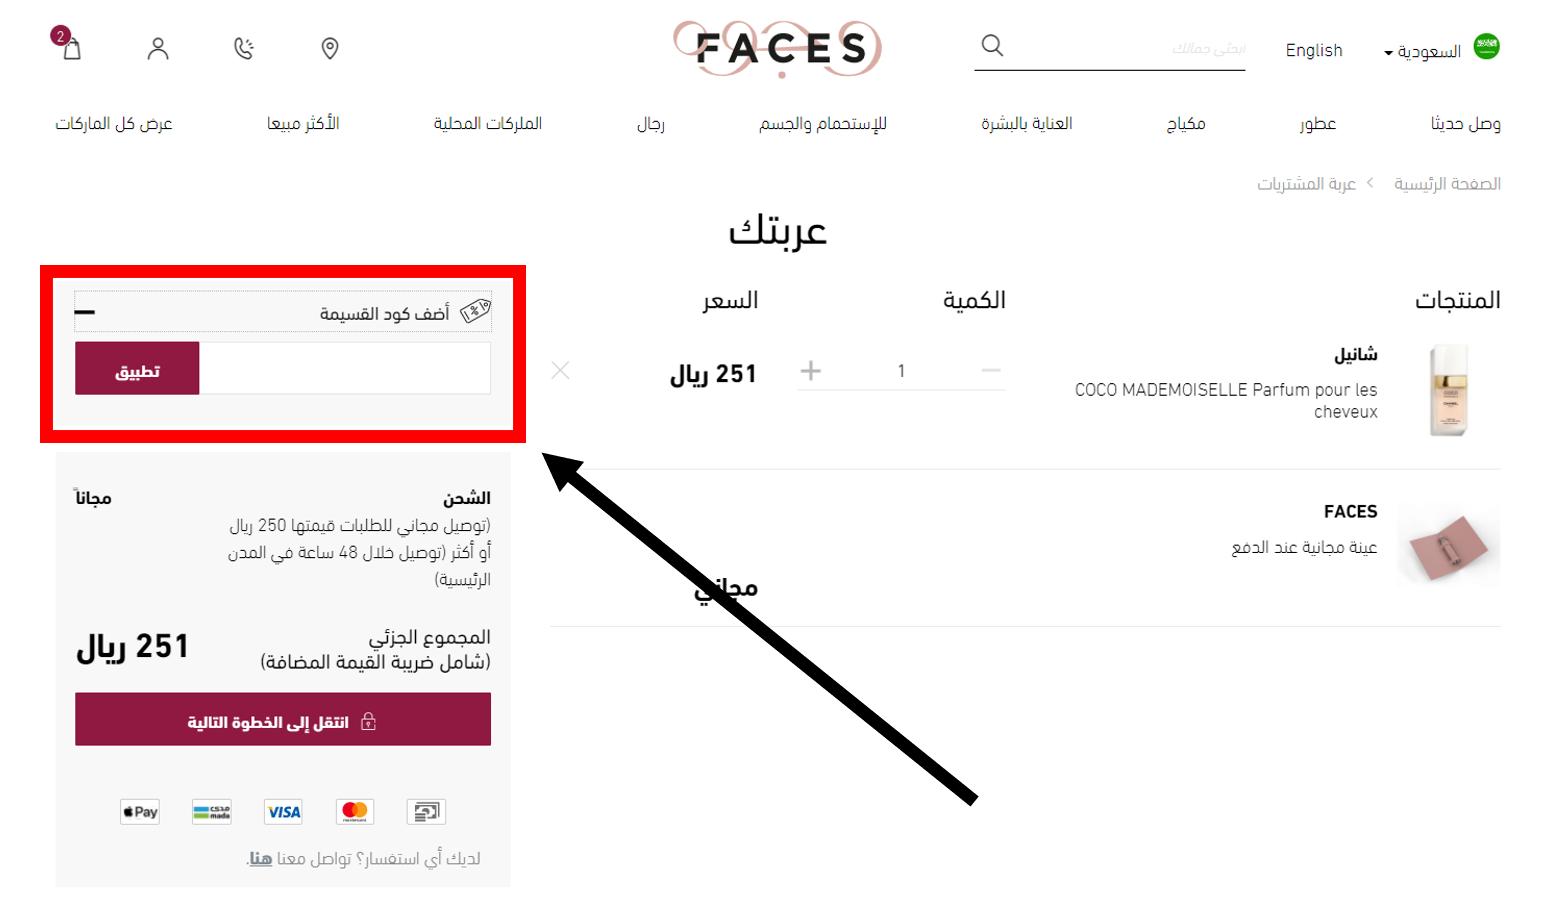 كود خصم وجوه faces كوبون خصم | كود خصم وجوه السعودية